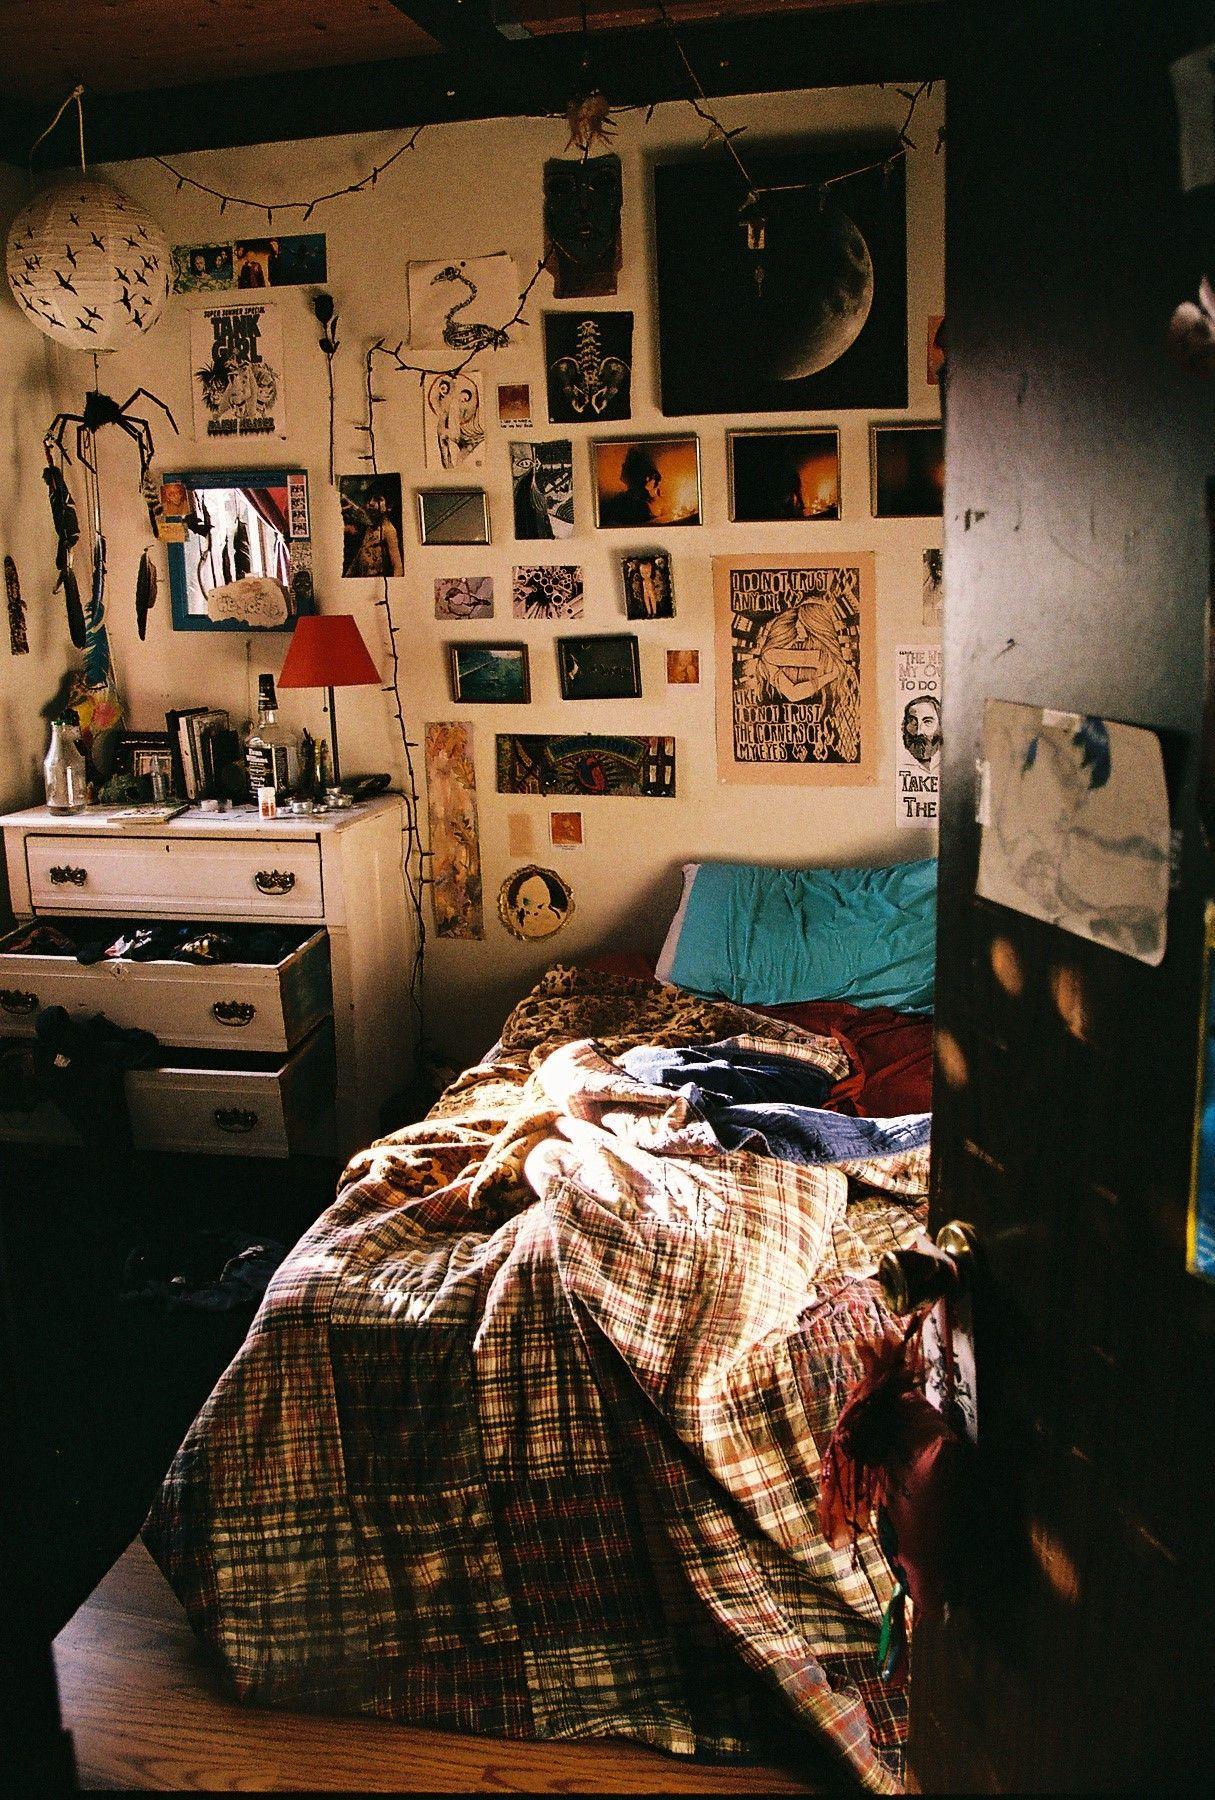 Vintage Quirky Bedroom Decor https://ift.tt/3zevSV in 3